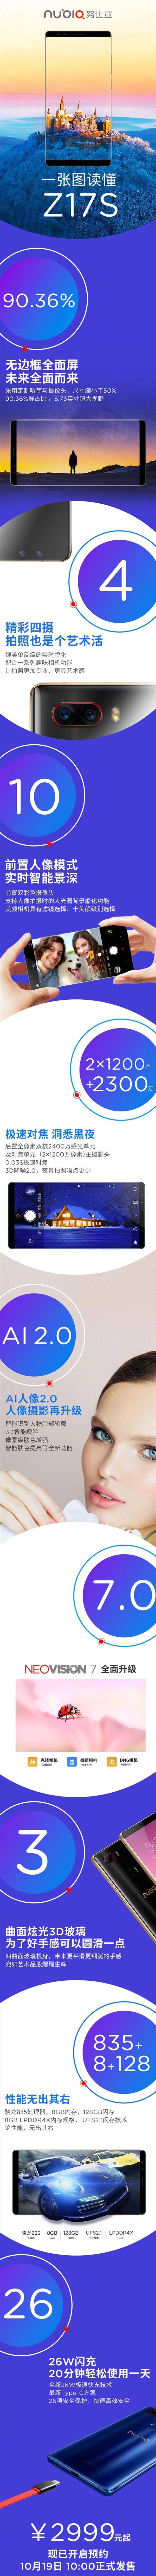 90.36%屏占比!无边框全面屏努比亚Z17S揭秘:2999元起